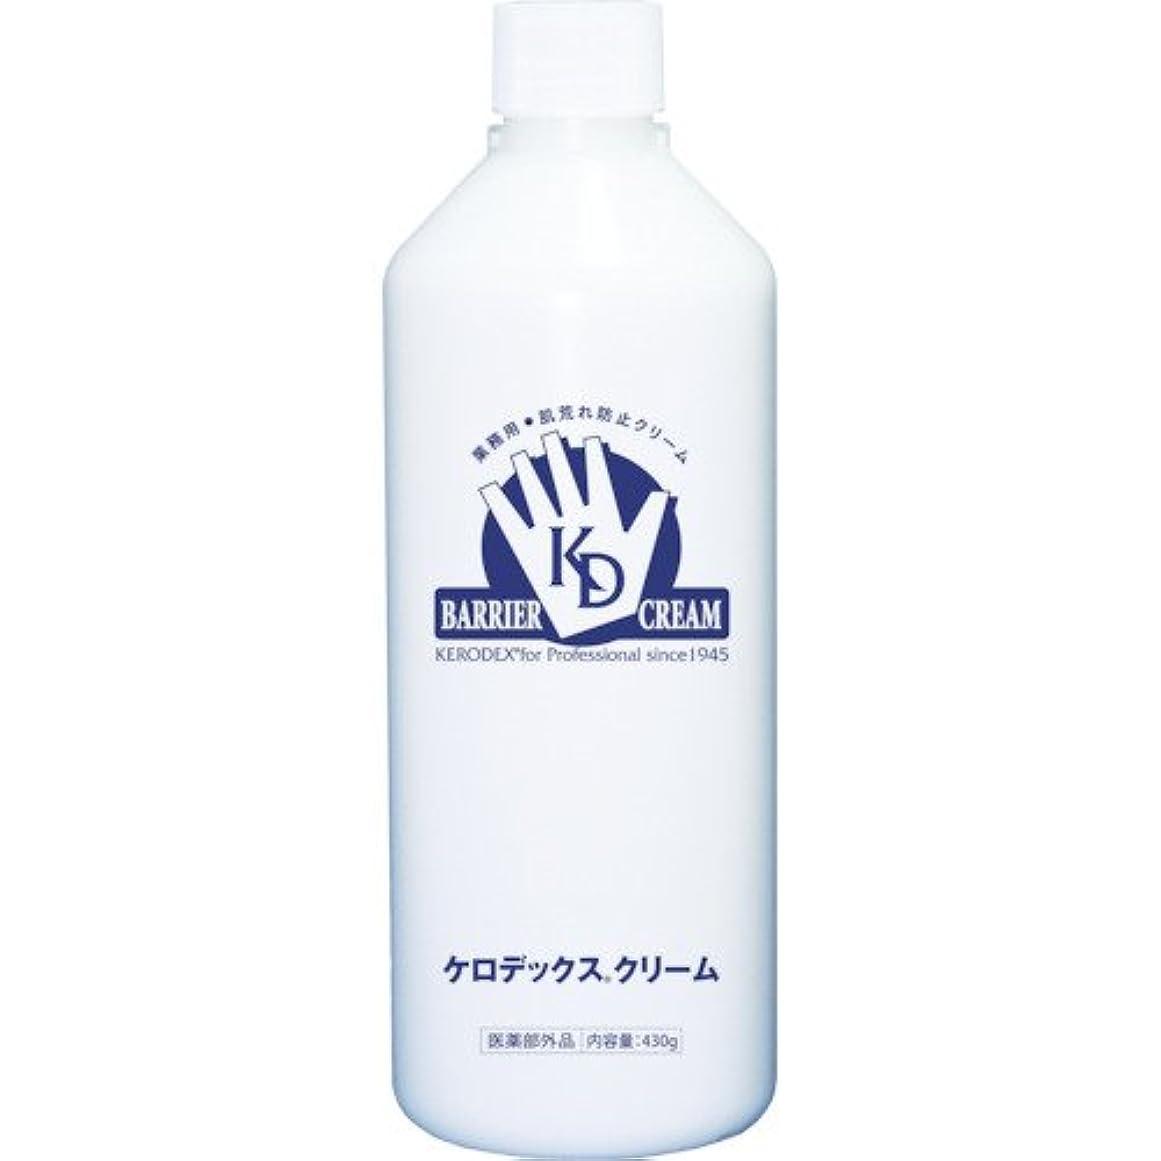 華氏対立件名ケロデックスクリーム ボトルタイプ 詰替用 430g